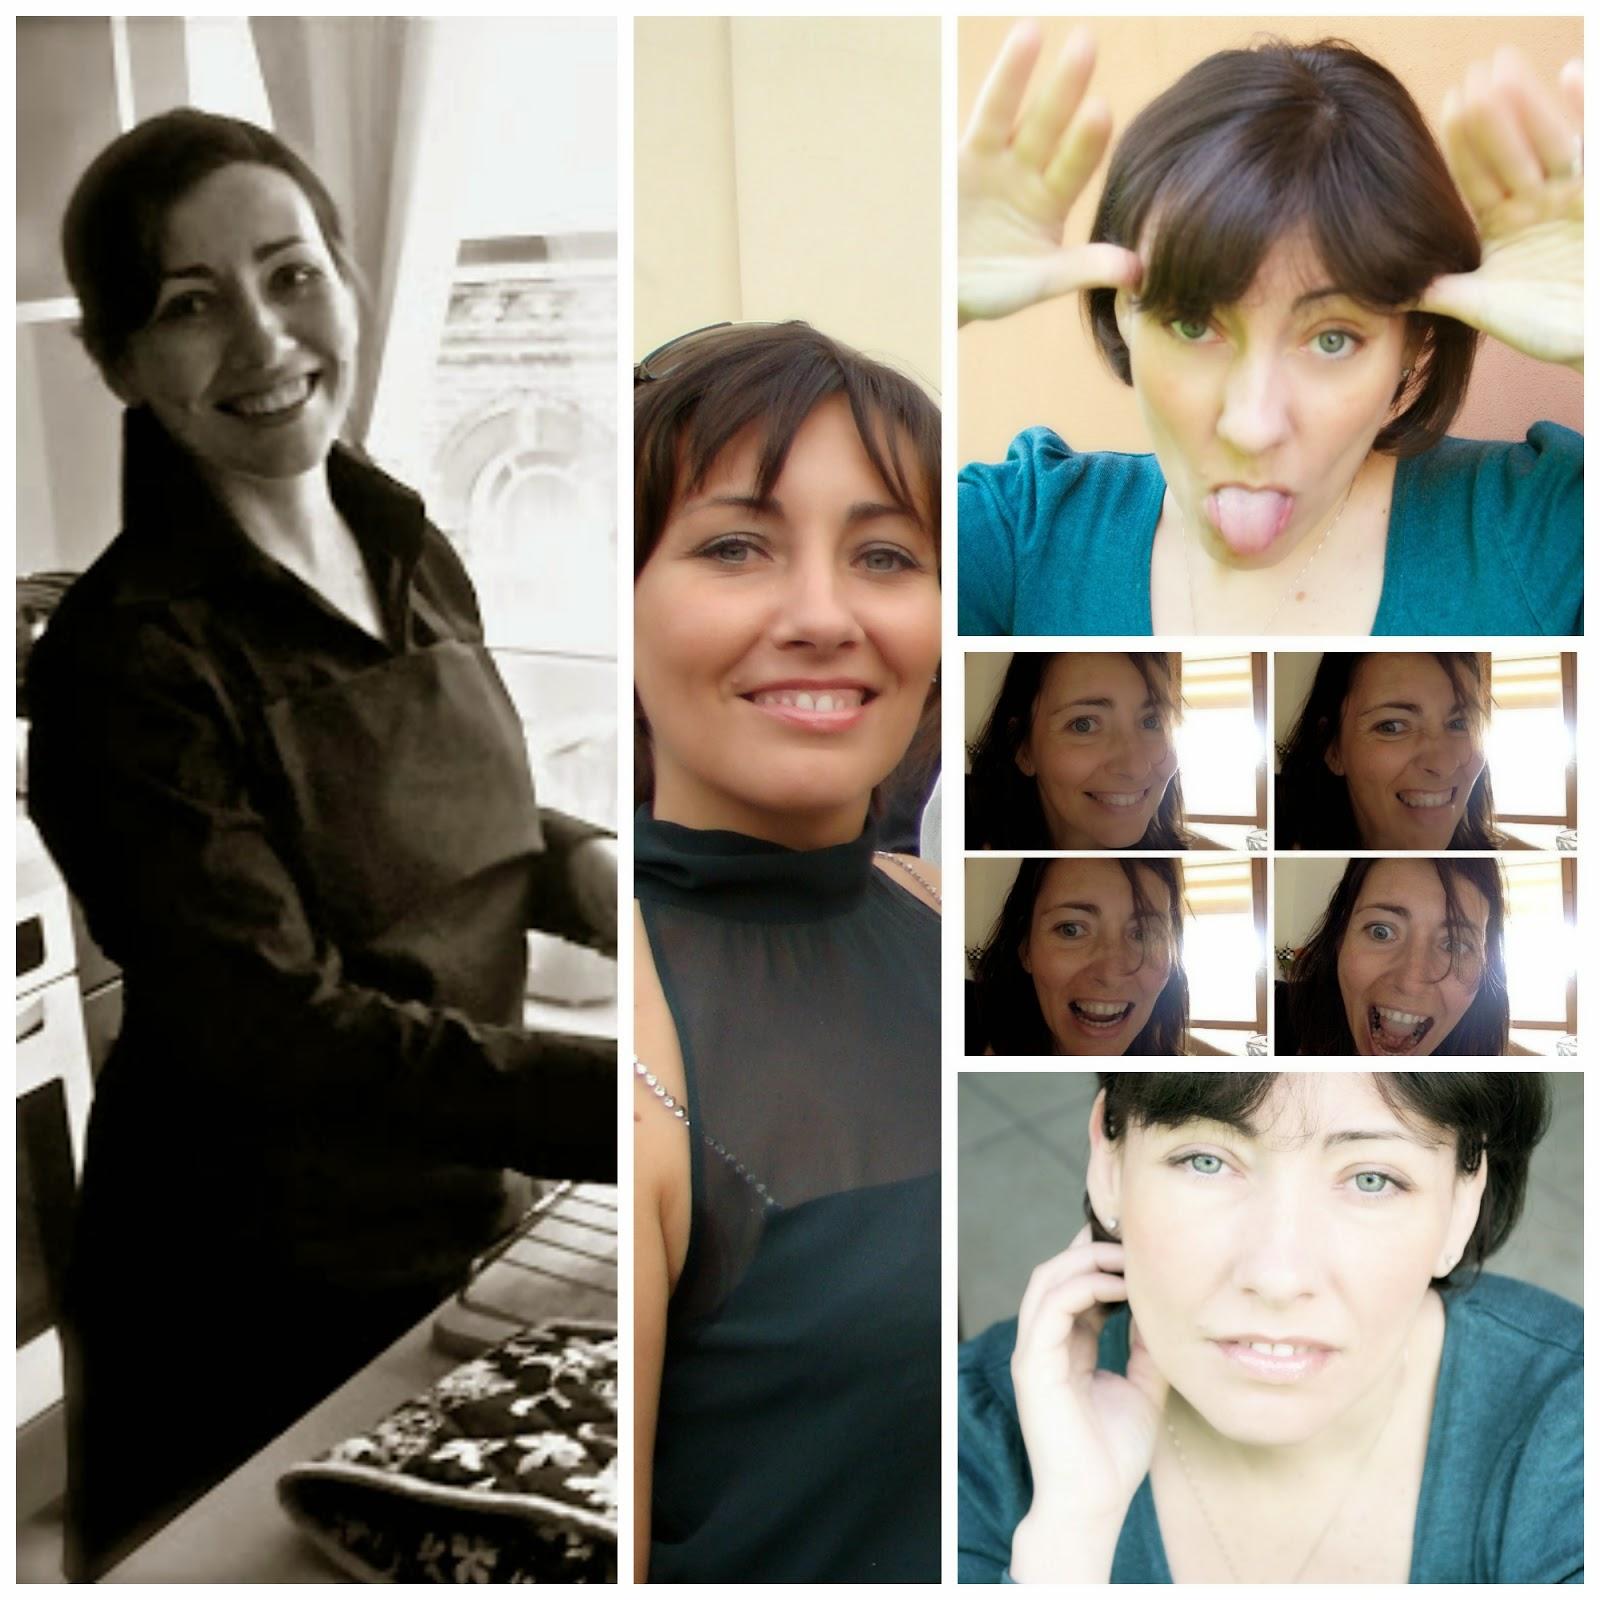 cucina di barbara food blog - blog di cucina ricette: about barbara - Come Aprire Un Blog Di Cucina